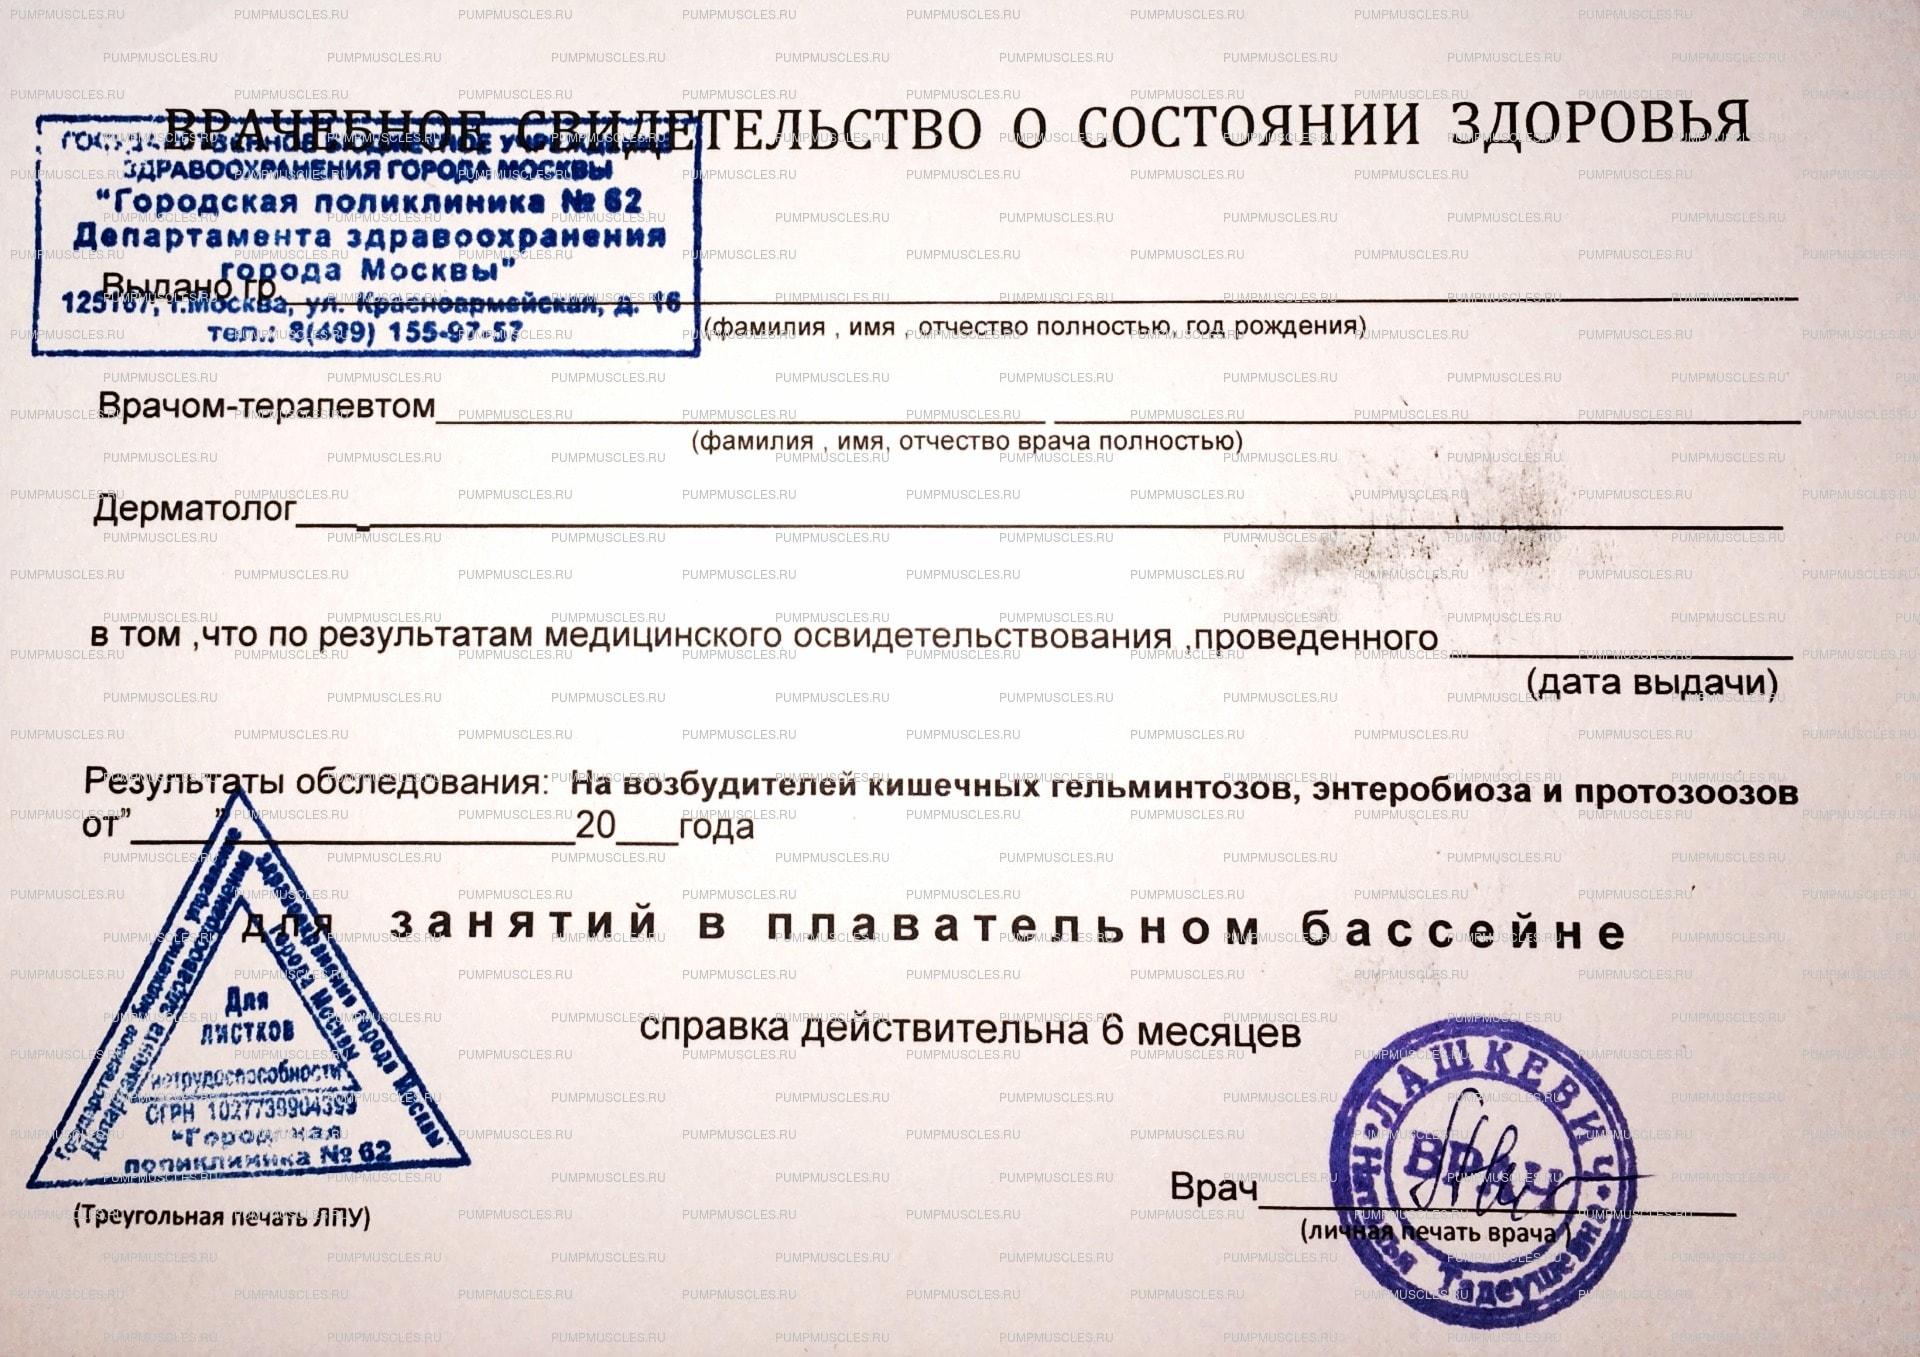 medicinskaya-spravka-v-bassein